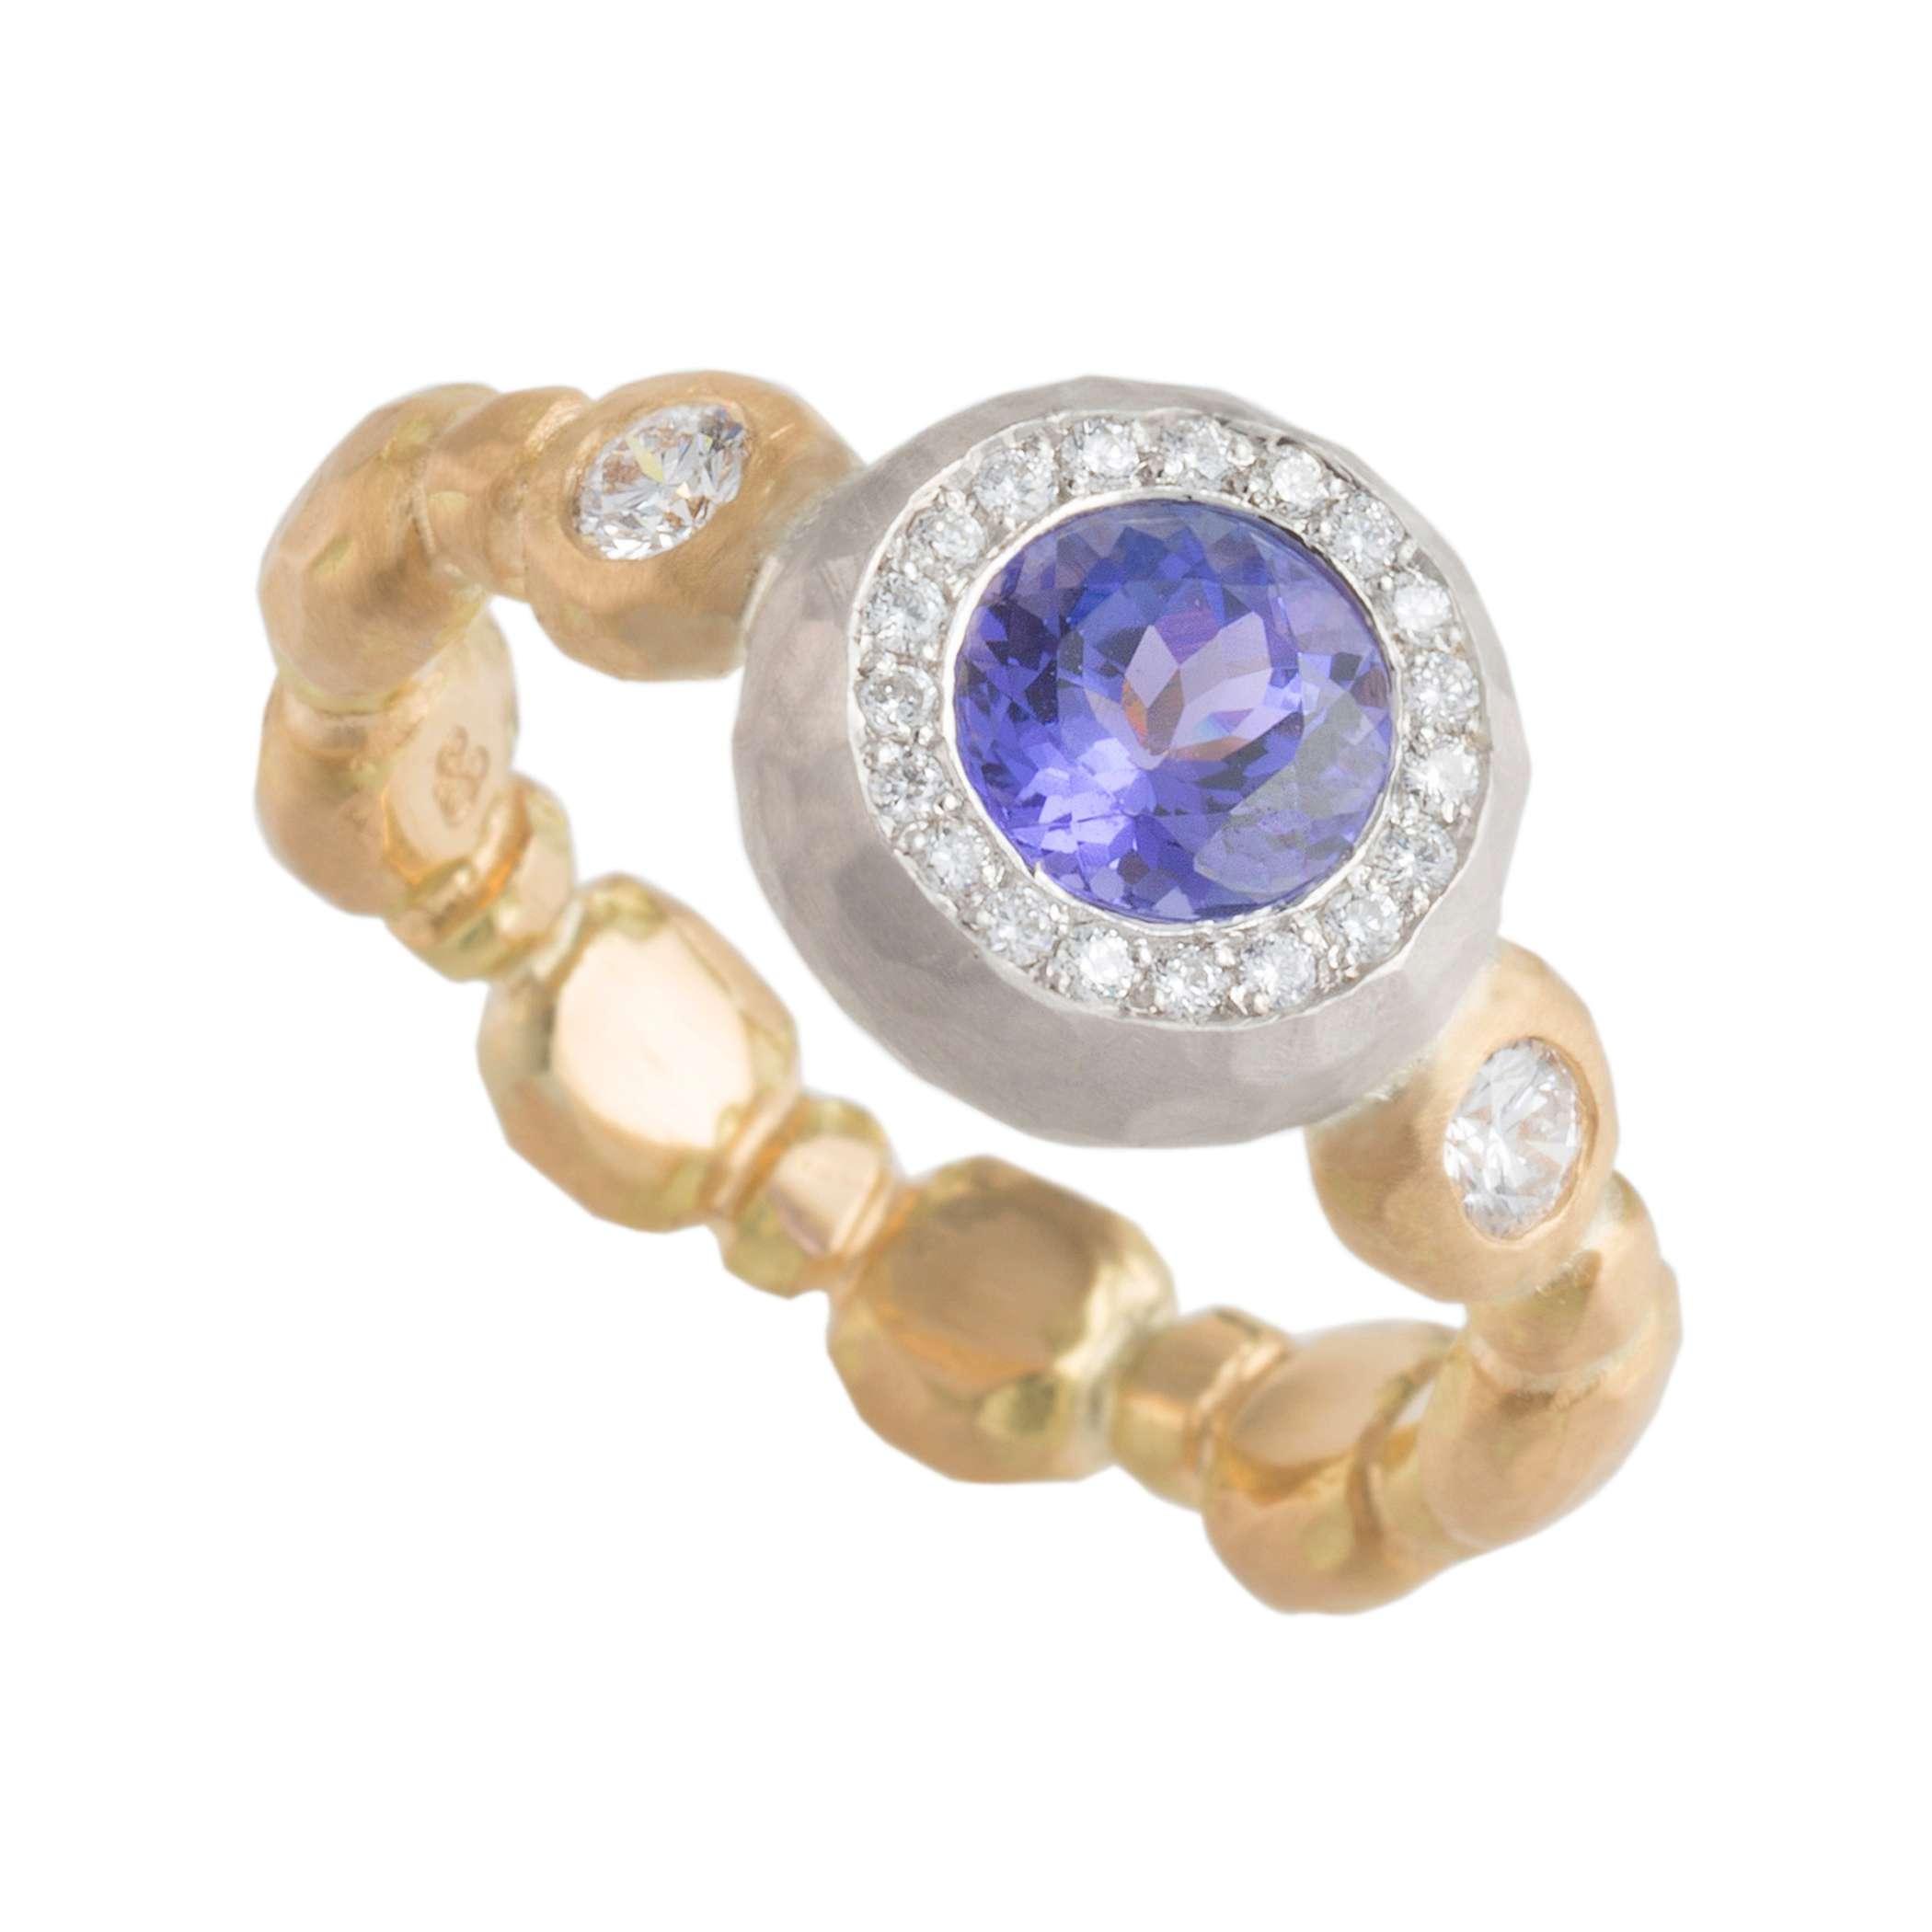 anillo de compromiso de aguamarina de Samantha Louise Design; y anillo de bodas de diamante negro